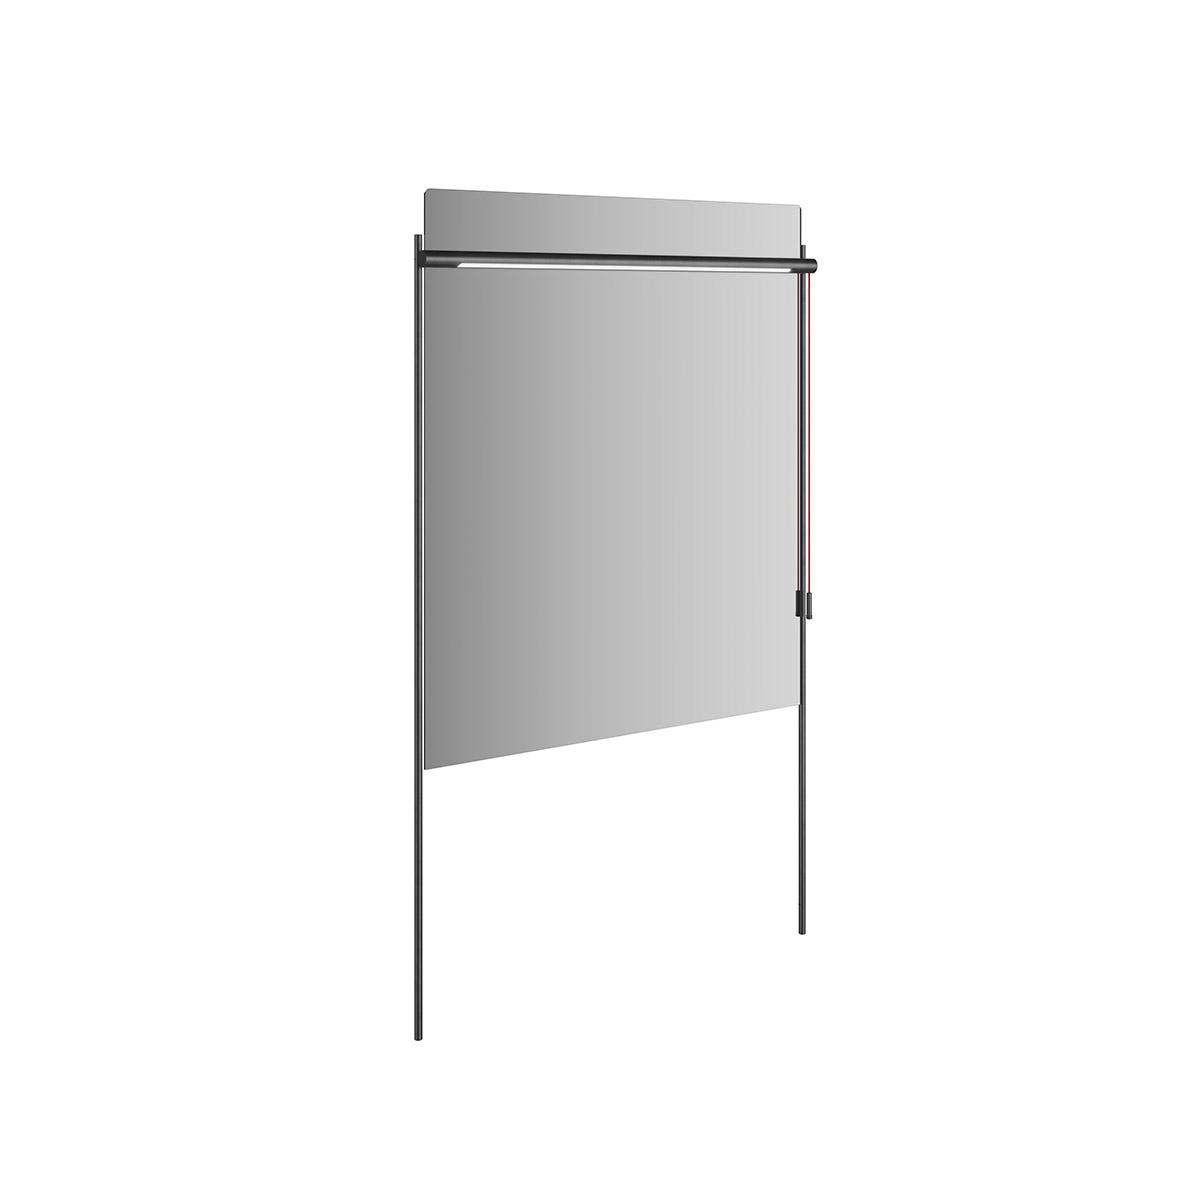 Equal Spiegel mit Beleuchtung und Metallrahmen, 84 cm